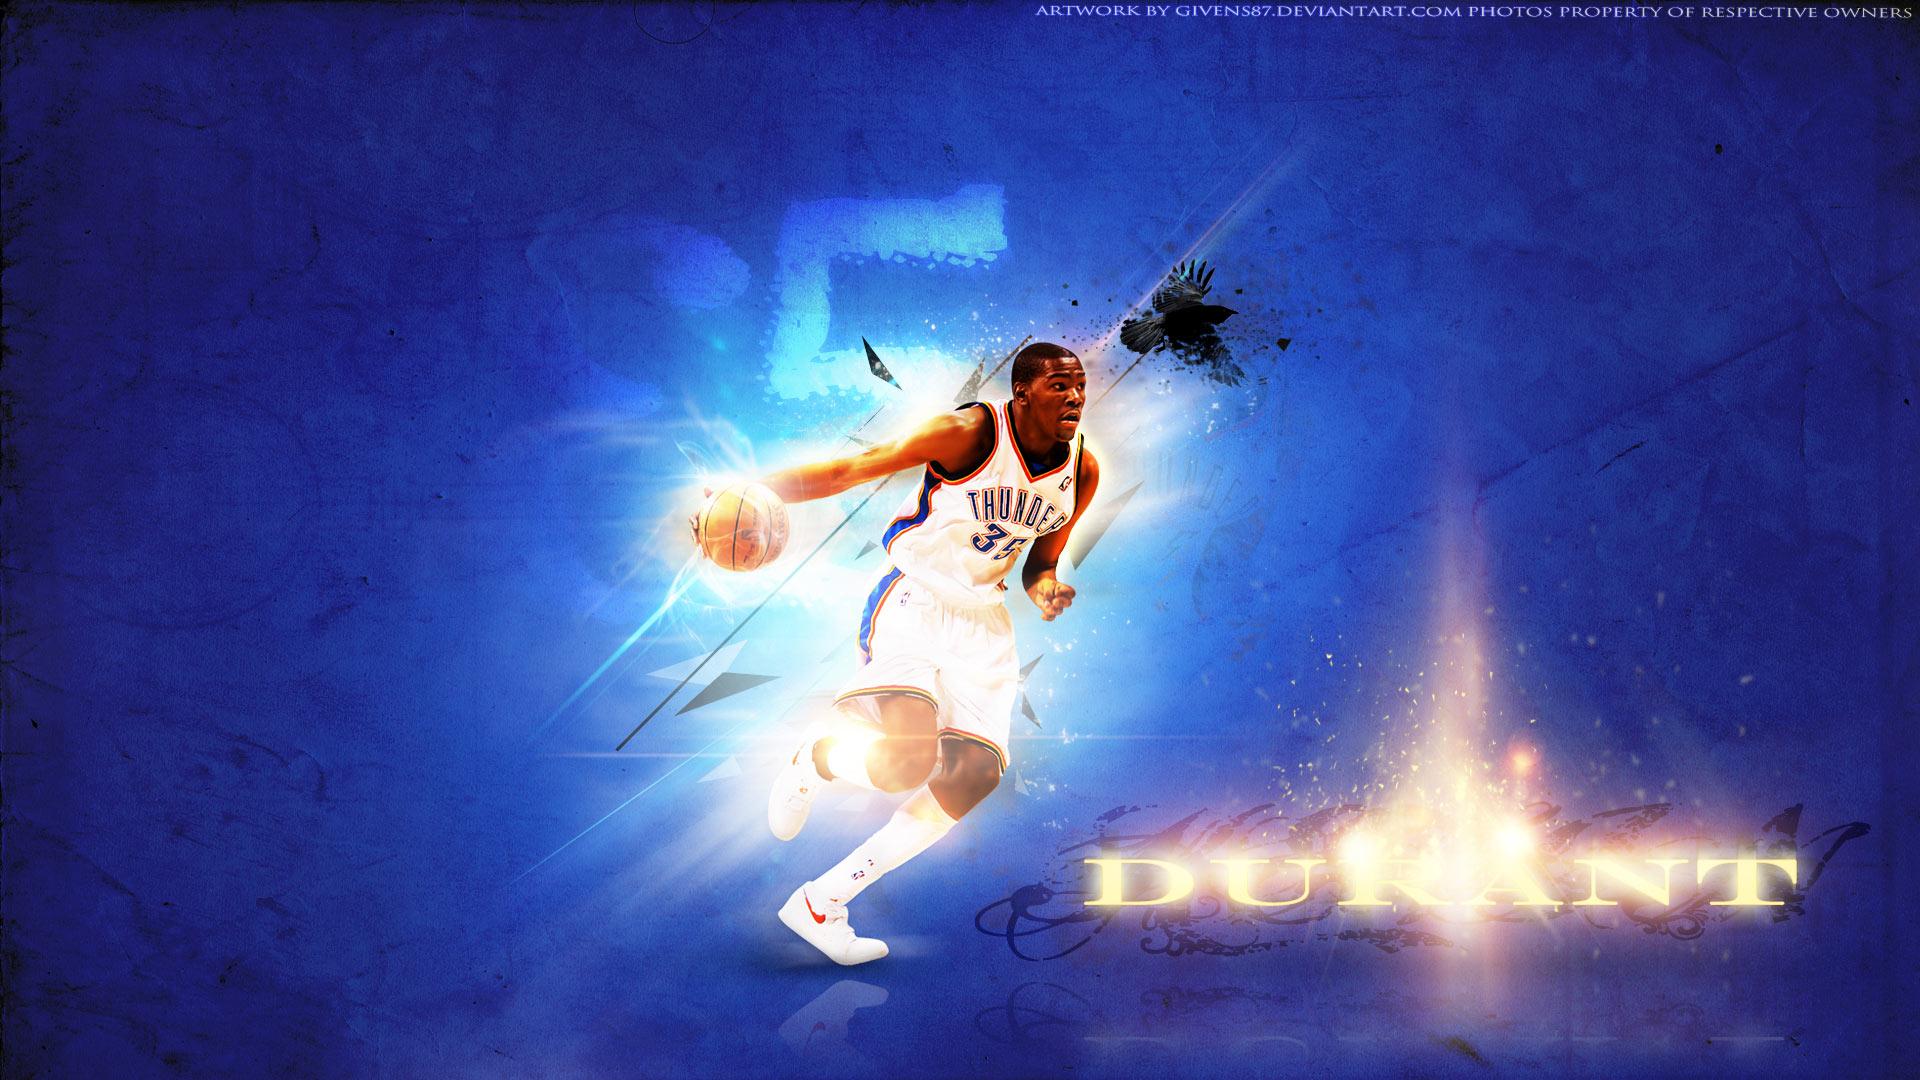 Kevin Durant 2012 NBA Finals 1920x1080 Wallpaper